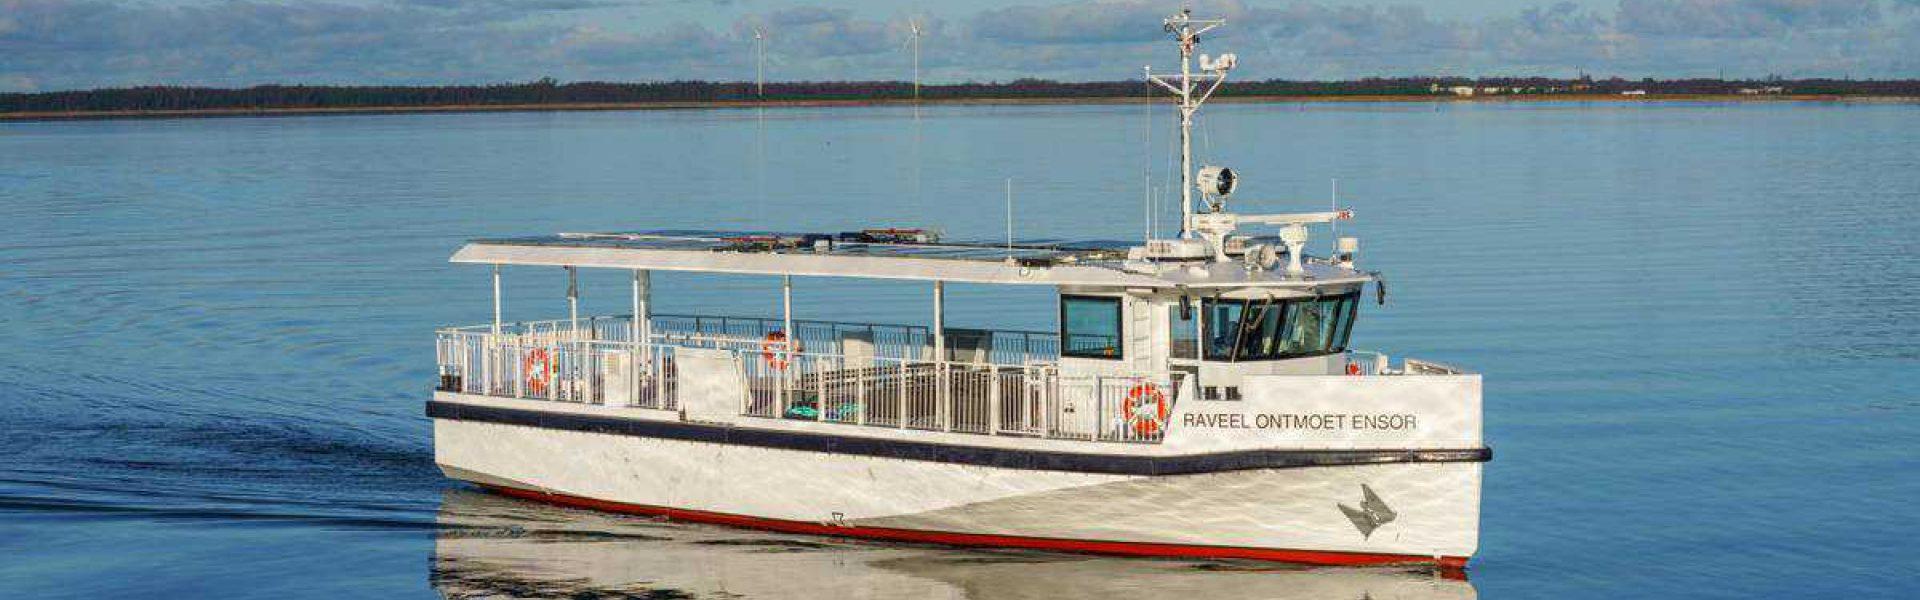 Elektrische boot Oosteroever